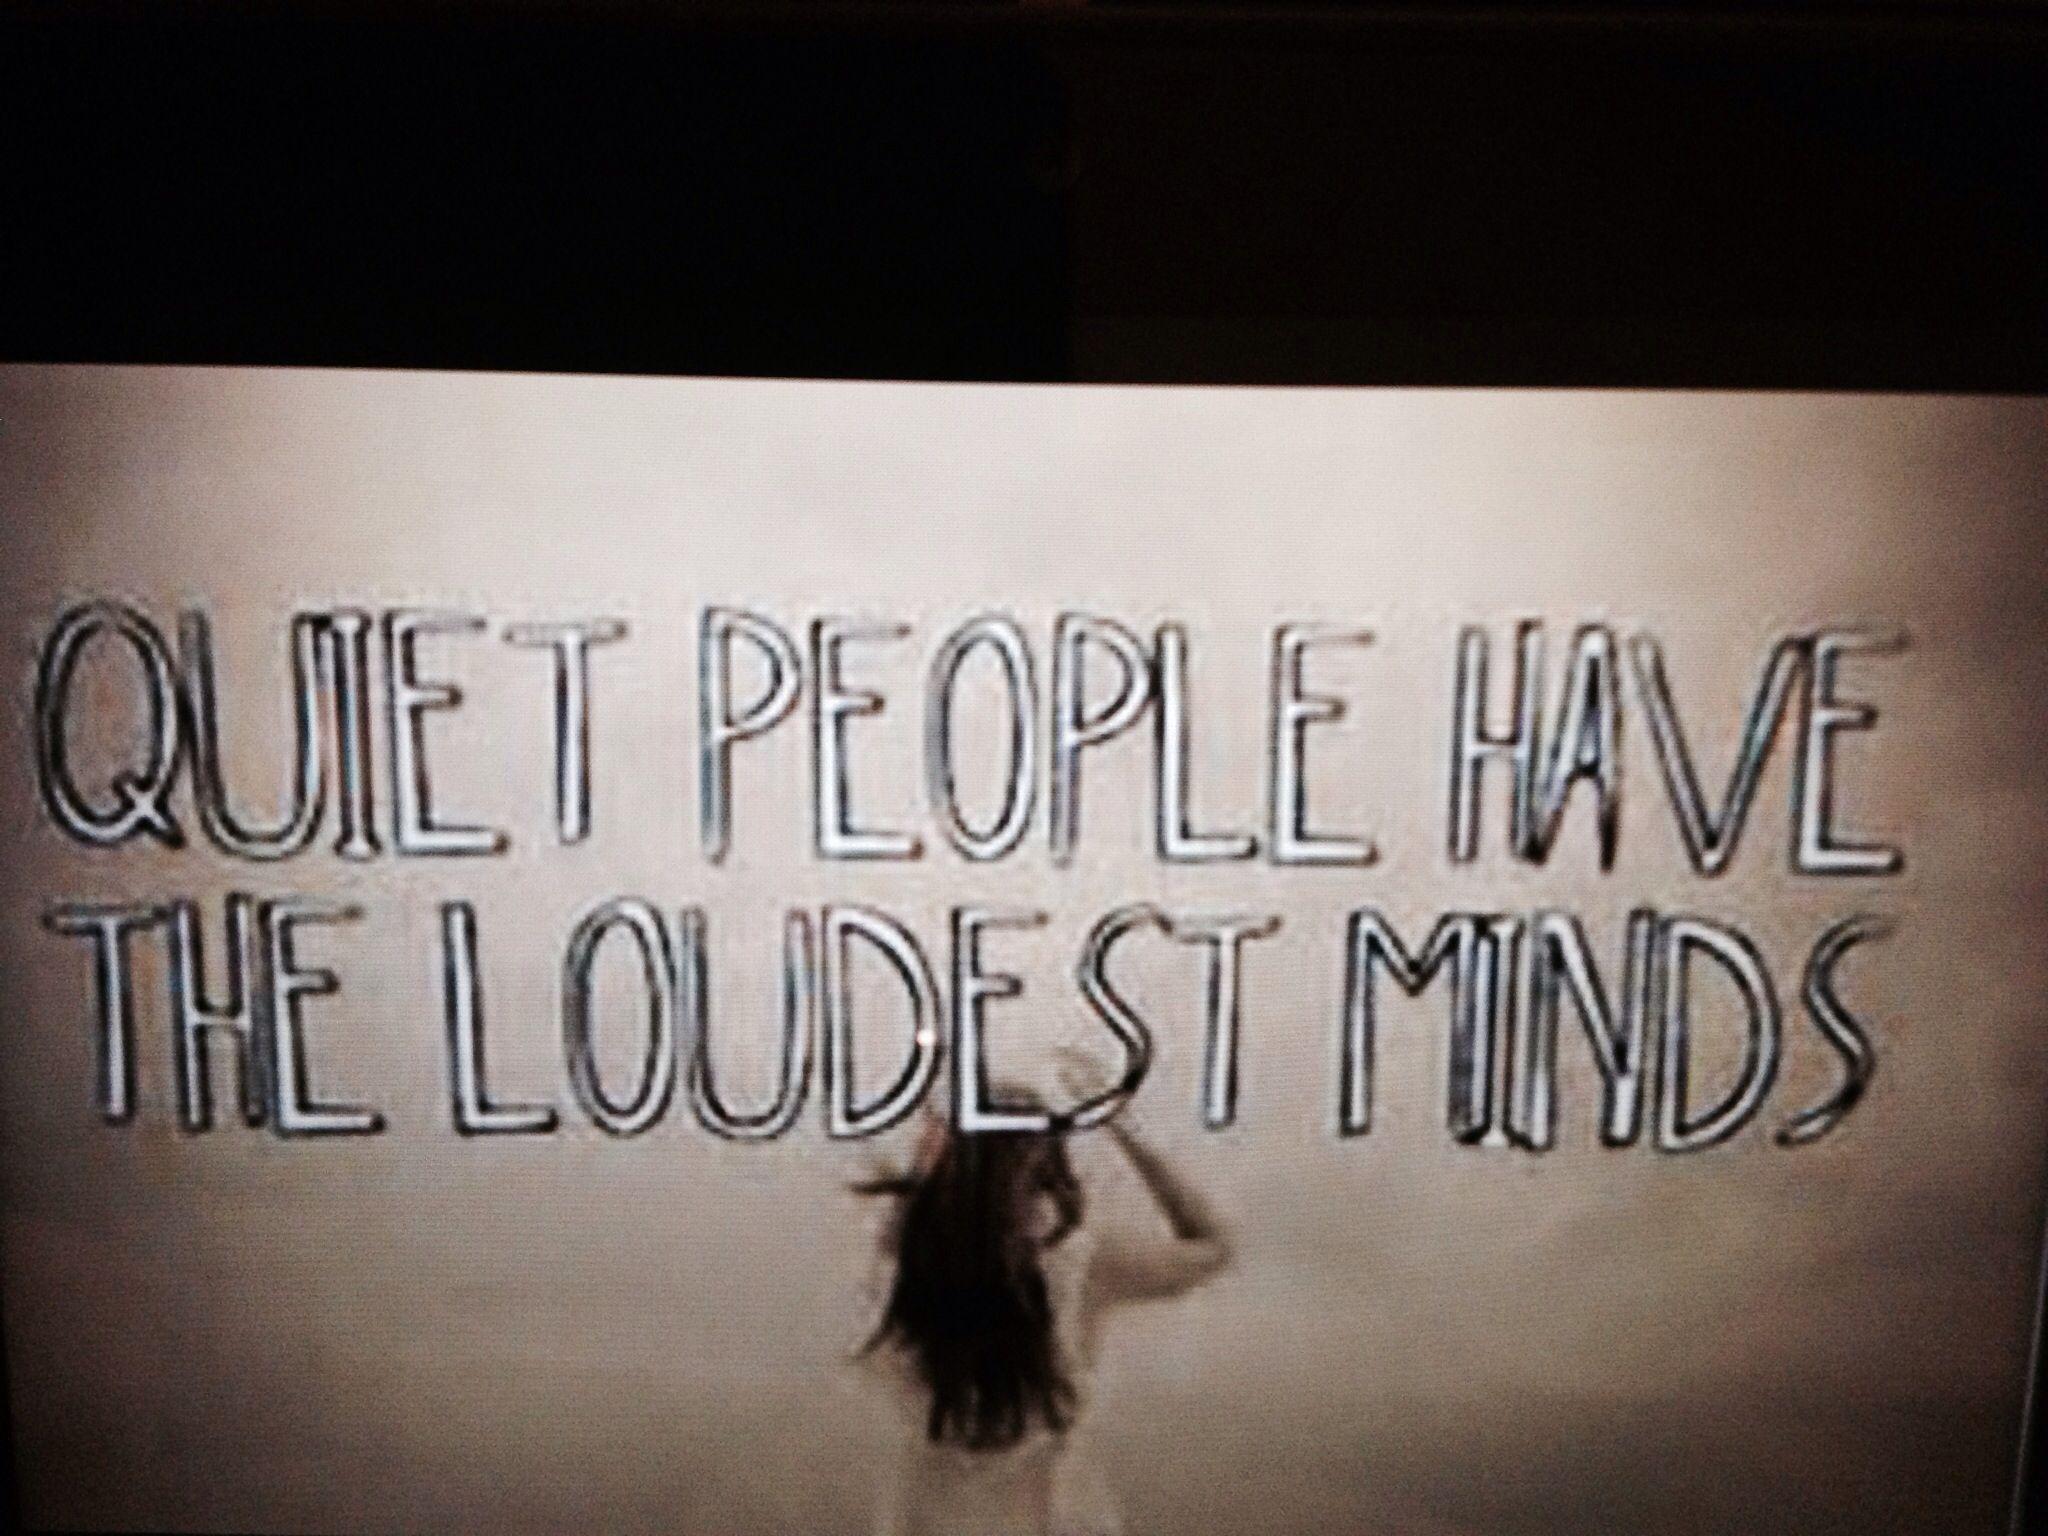 Quiet people problems